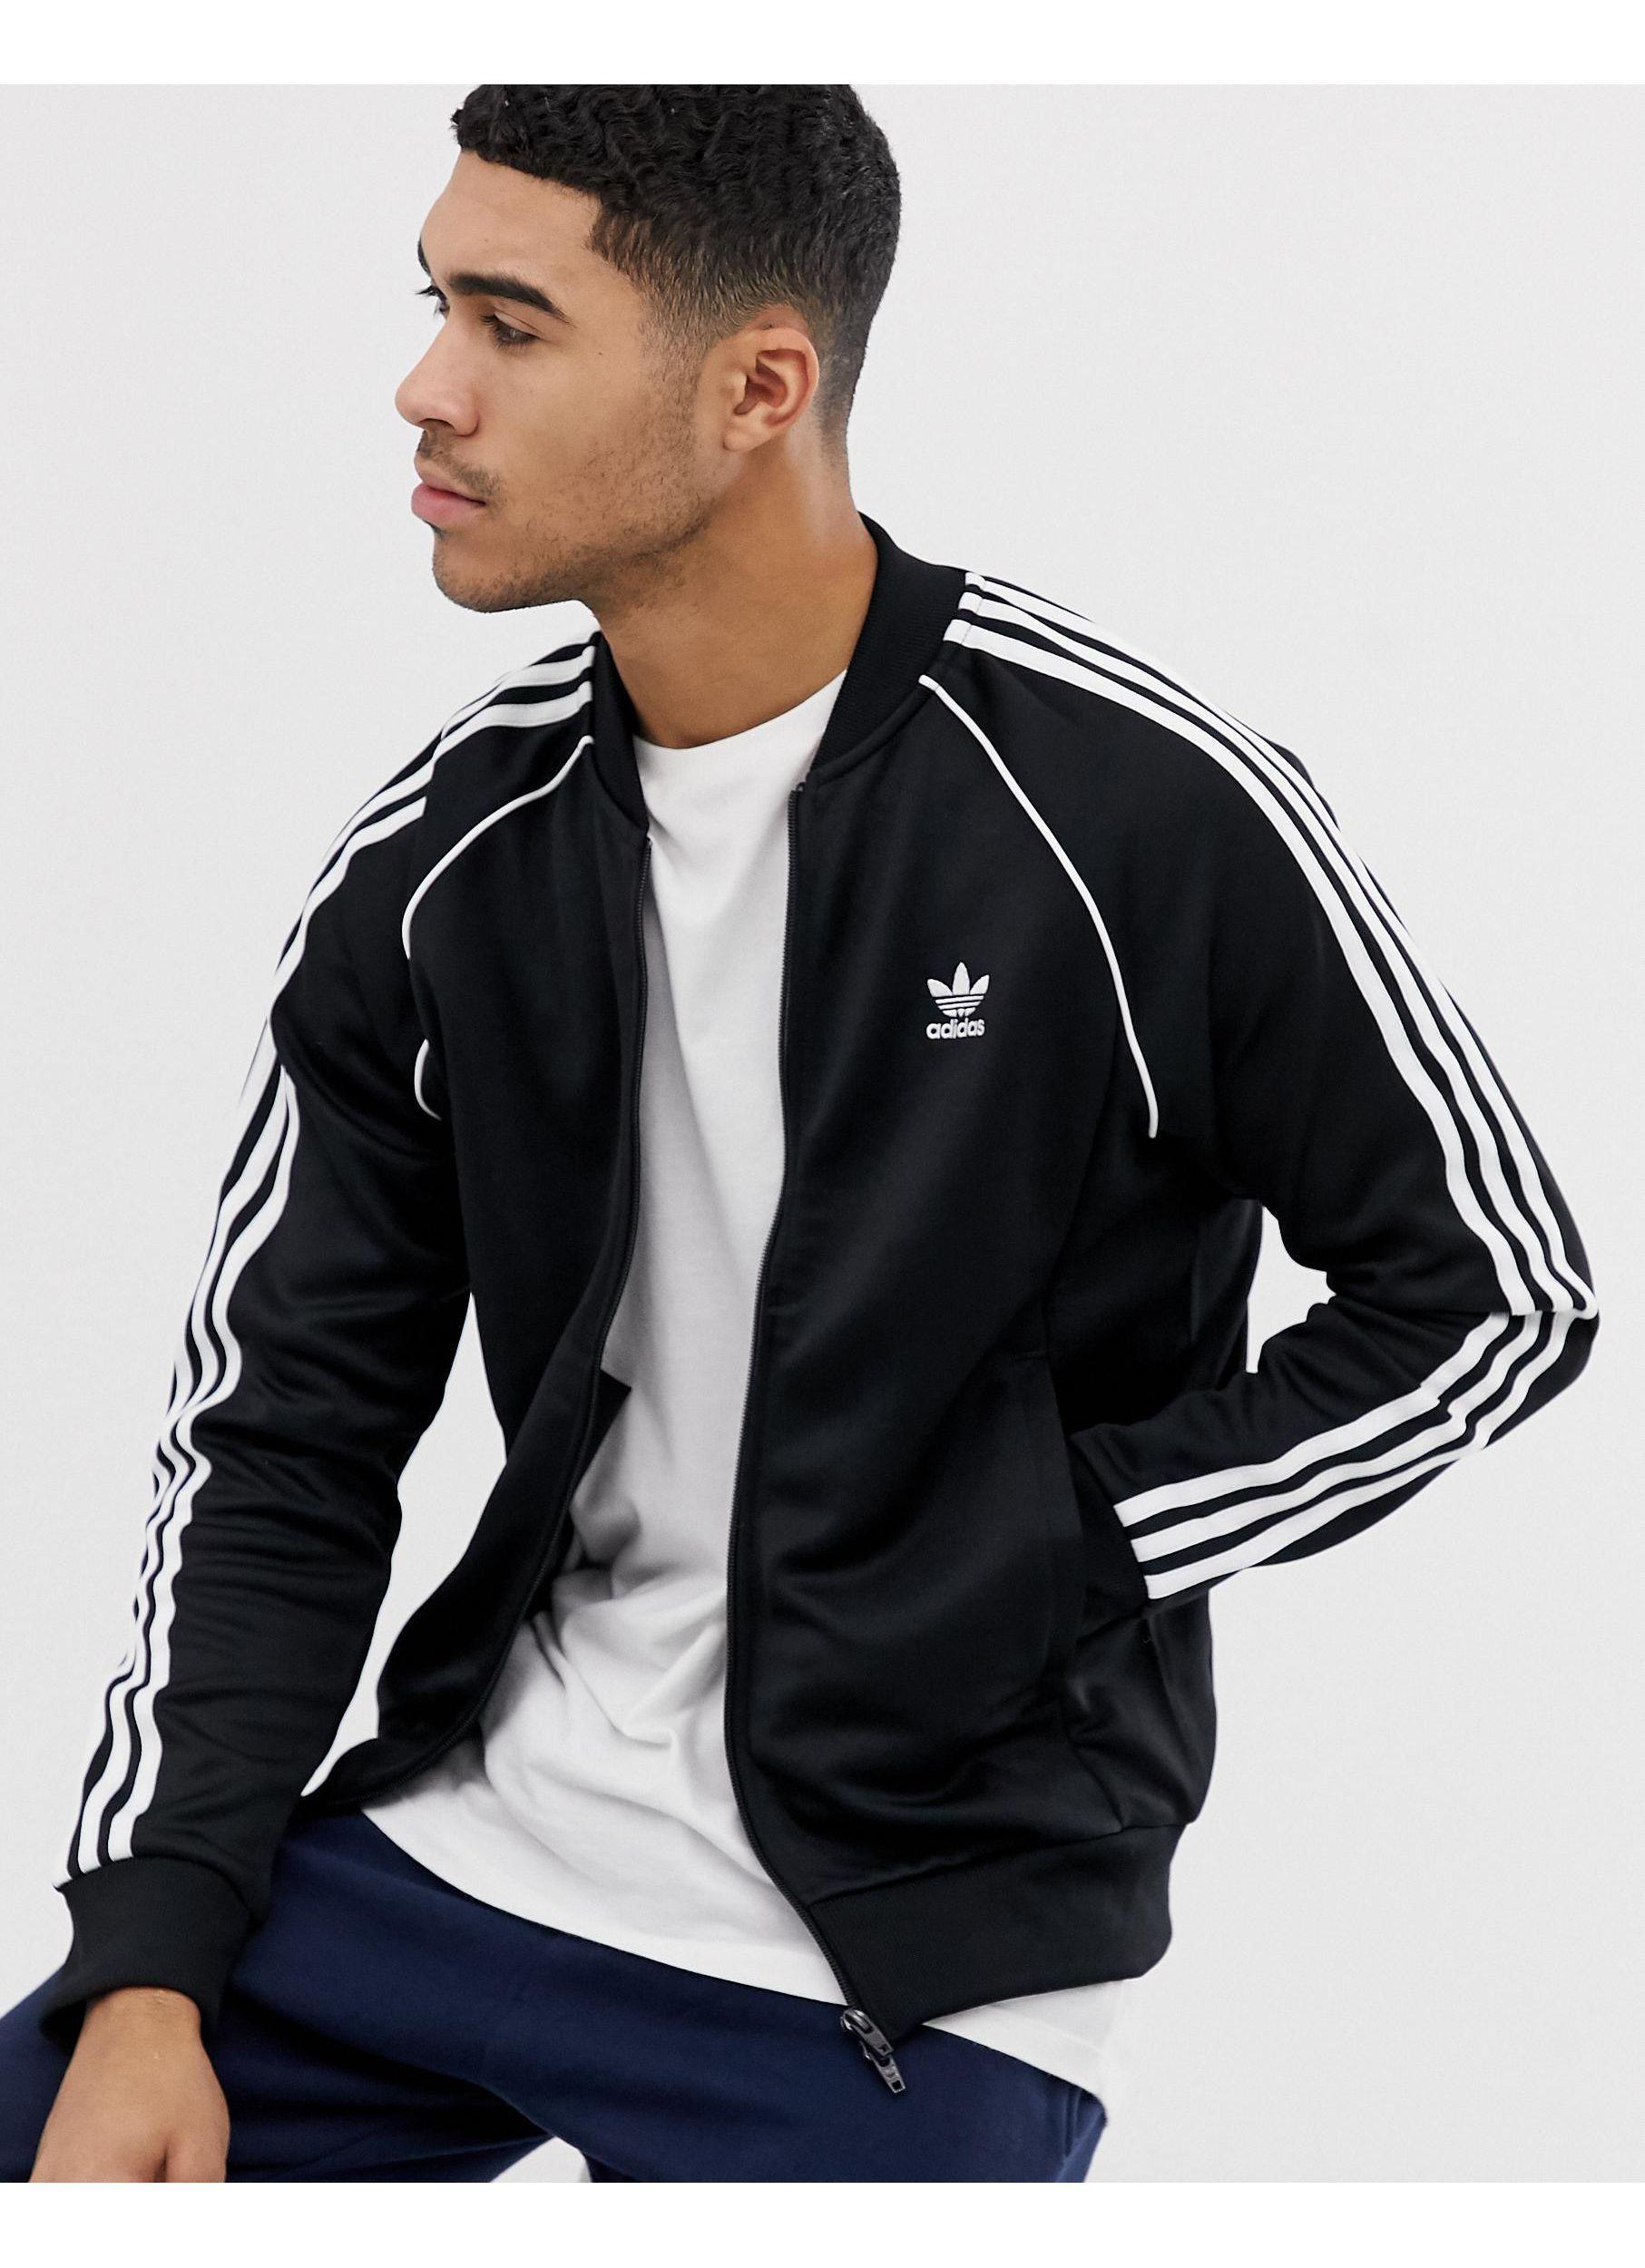 Superstar - Veste Coton adidas Originals pour homme en coloris ...